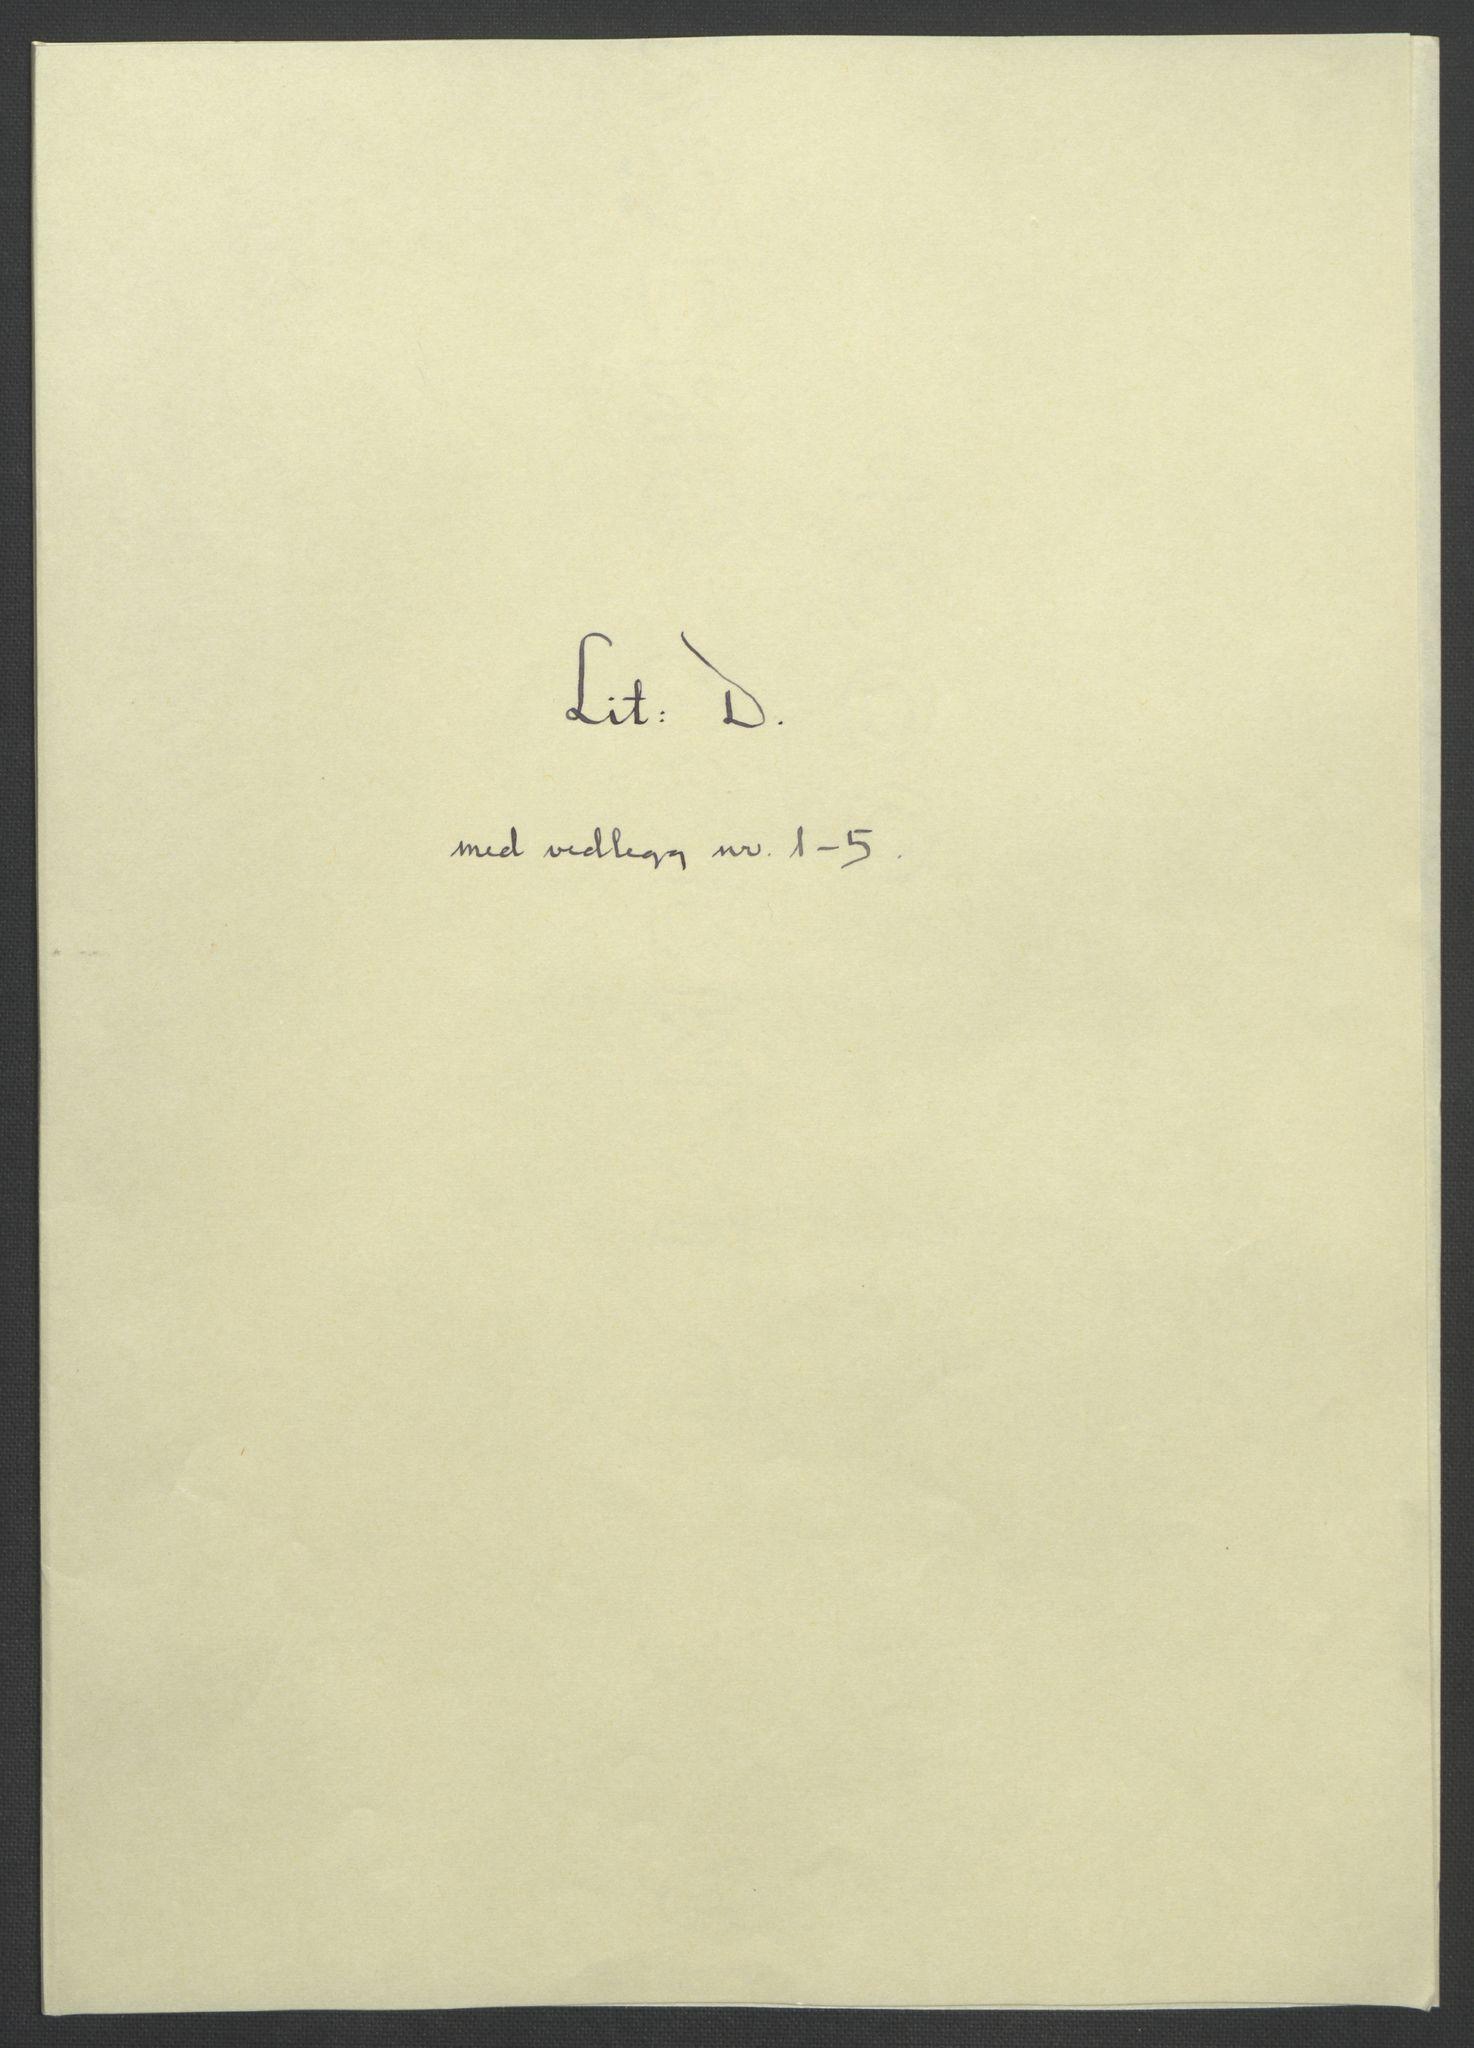 RA, Rentekammeret inntil 1814, Reviderte regnskaper, Fogderegnskap, R53/L3420: Fogderegnskap Sunn- og Nordfjord, 1691-1692, s. 208